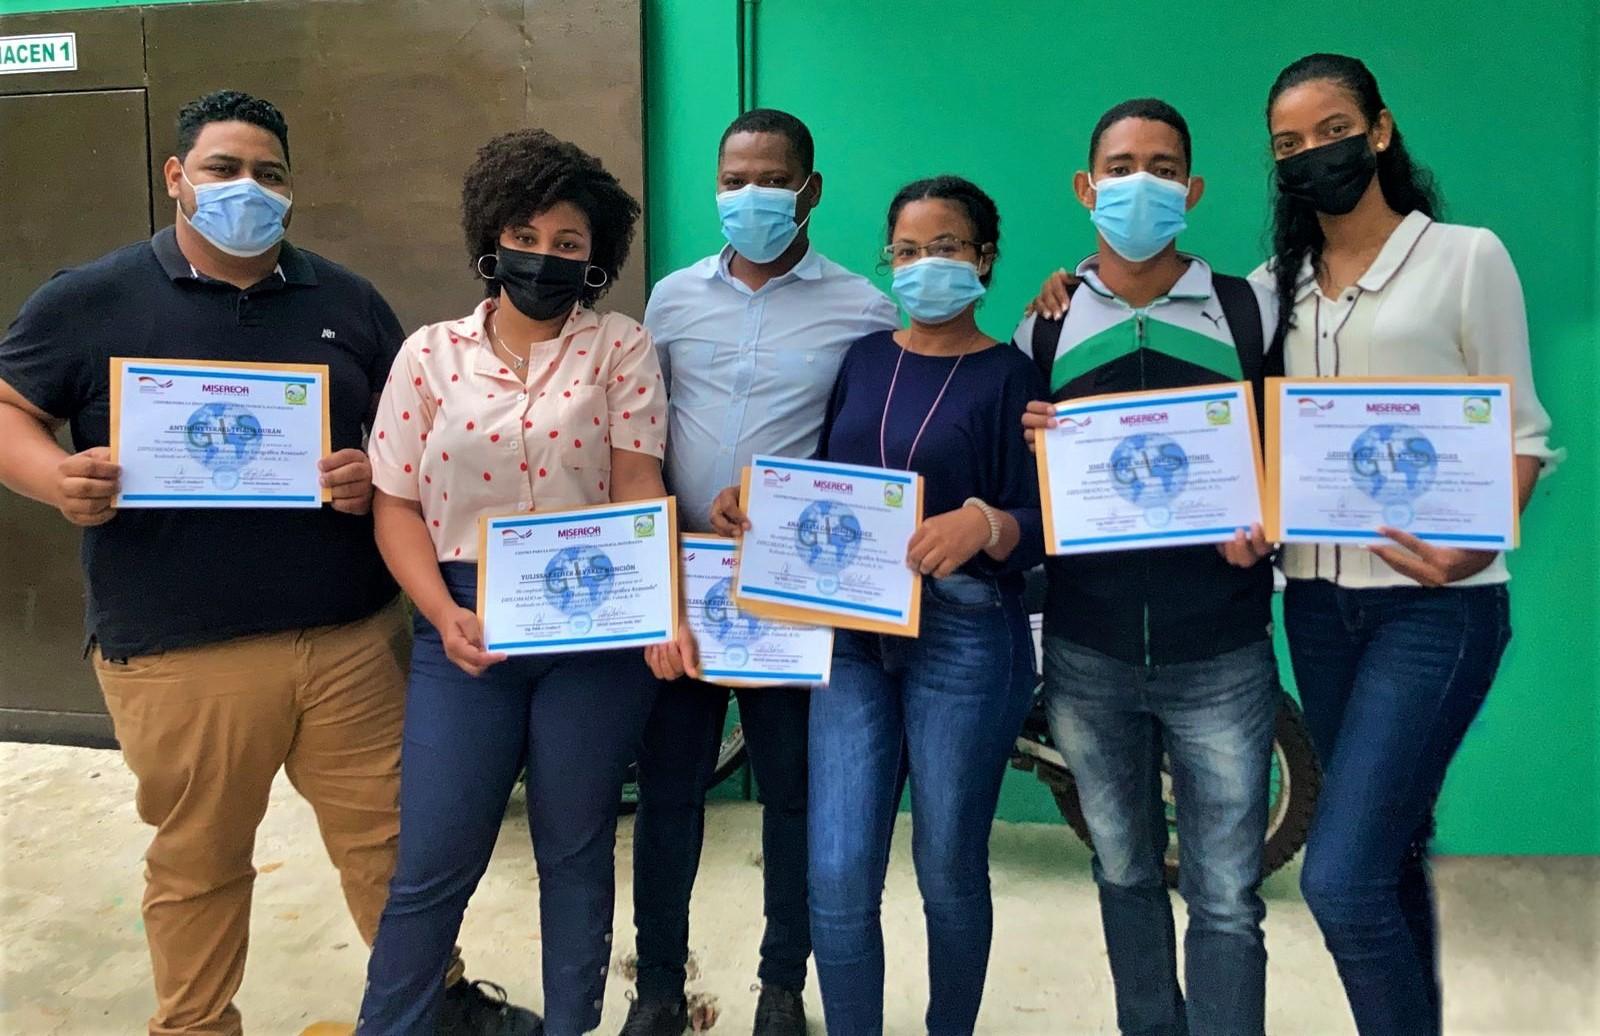 Técnicos de Centro Naturaleza reciben certificación del diplomado ARCGIS AVANZADO